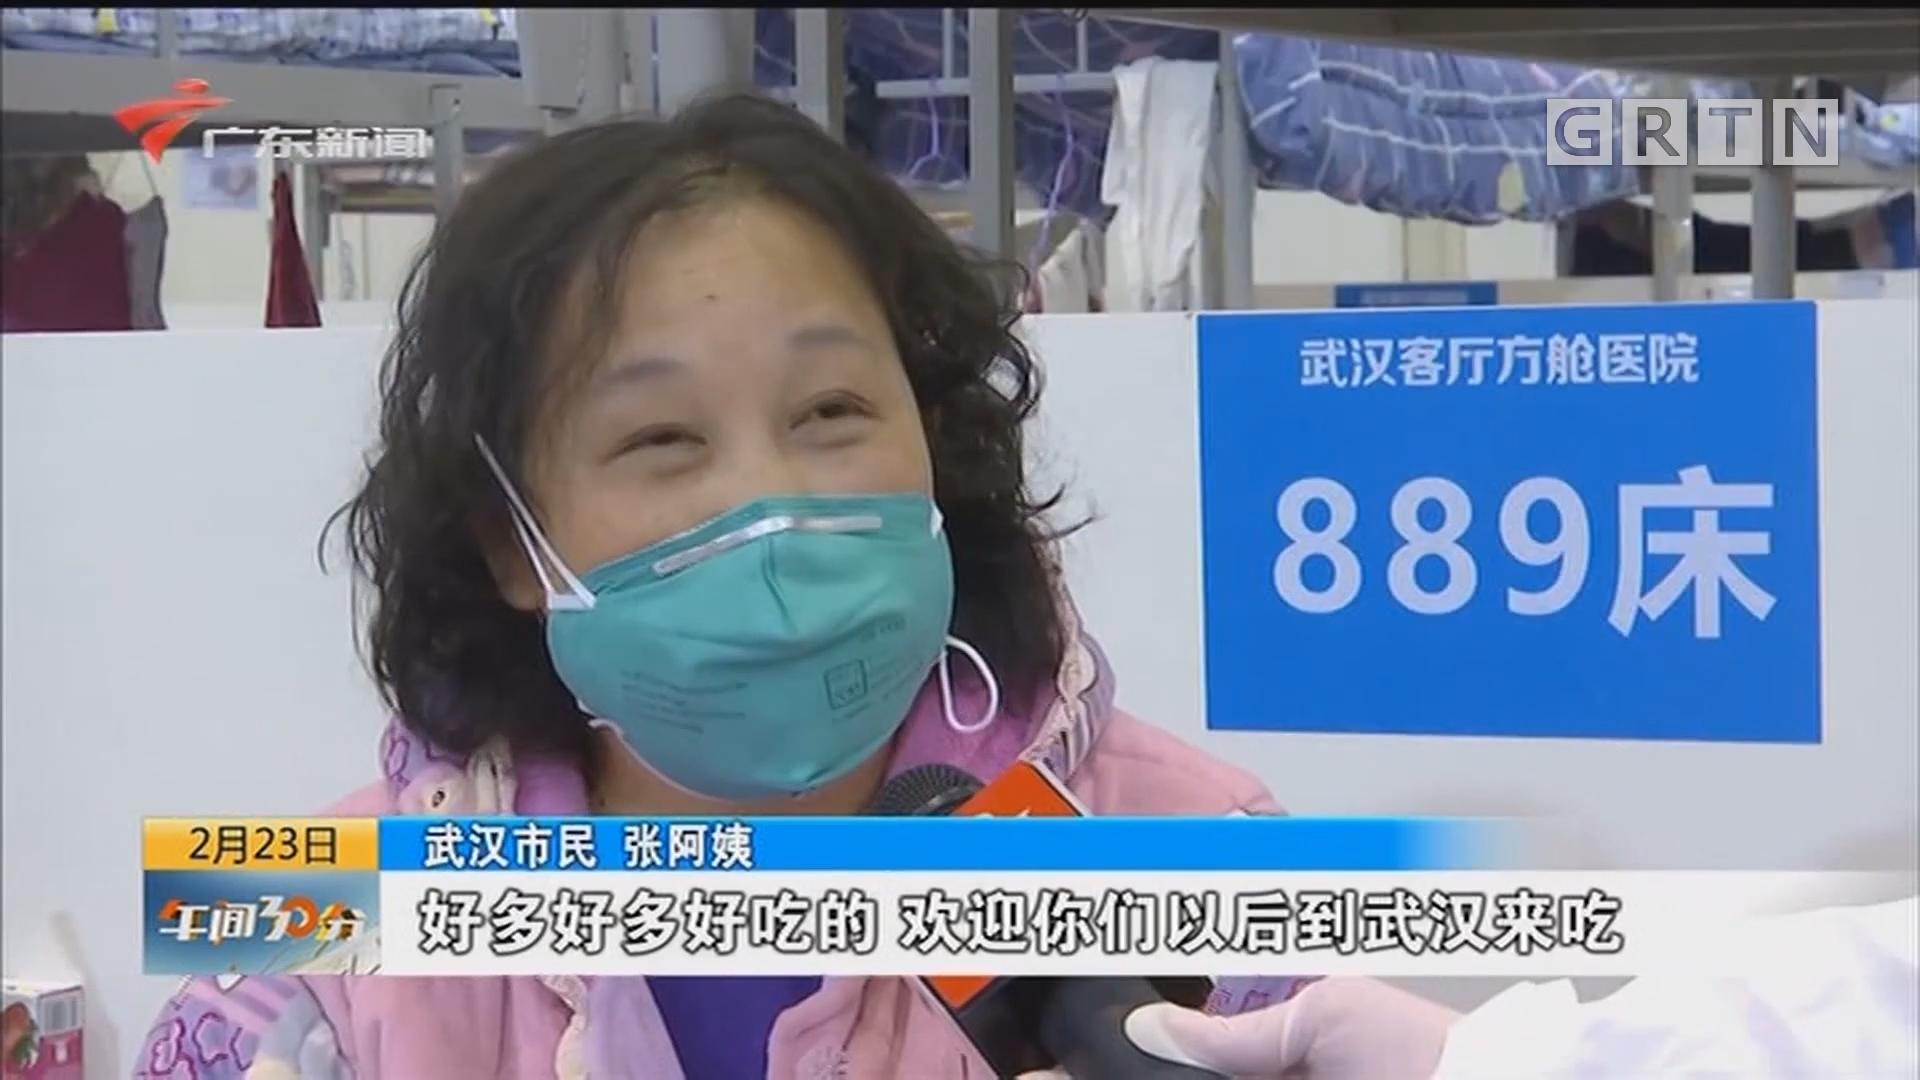 """湖北武汉抗""""疫""""日记:困境中迎接希望 记录张阿姨的30天"""